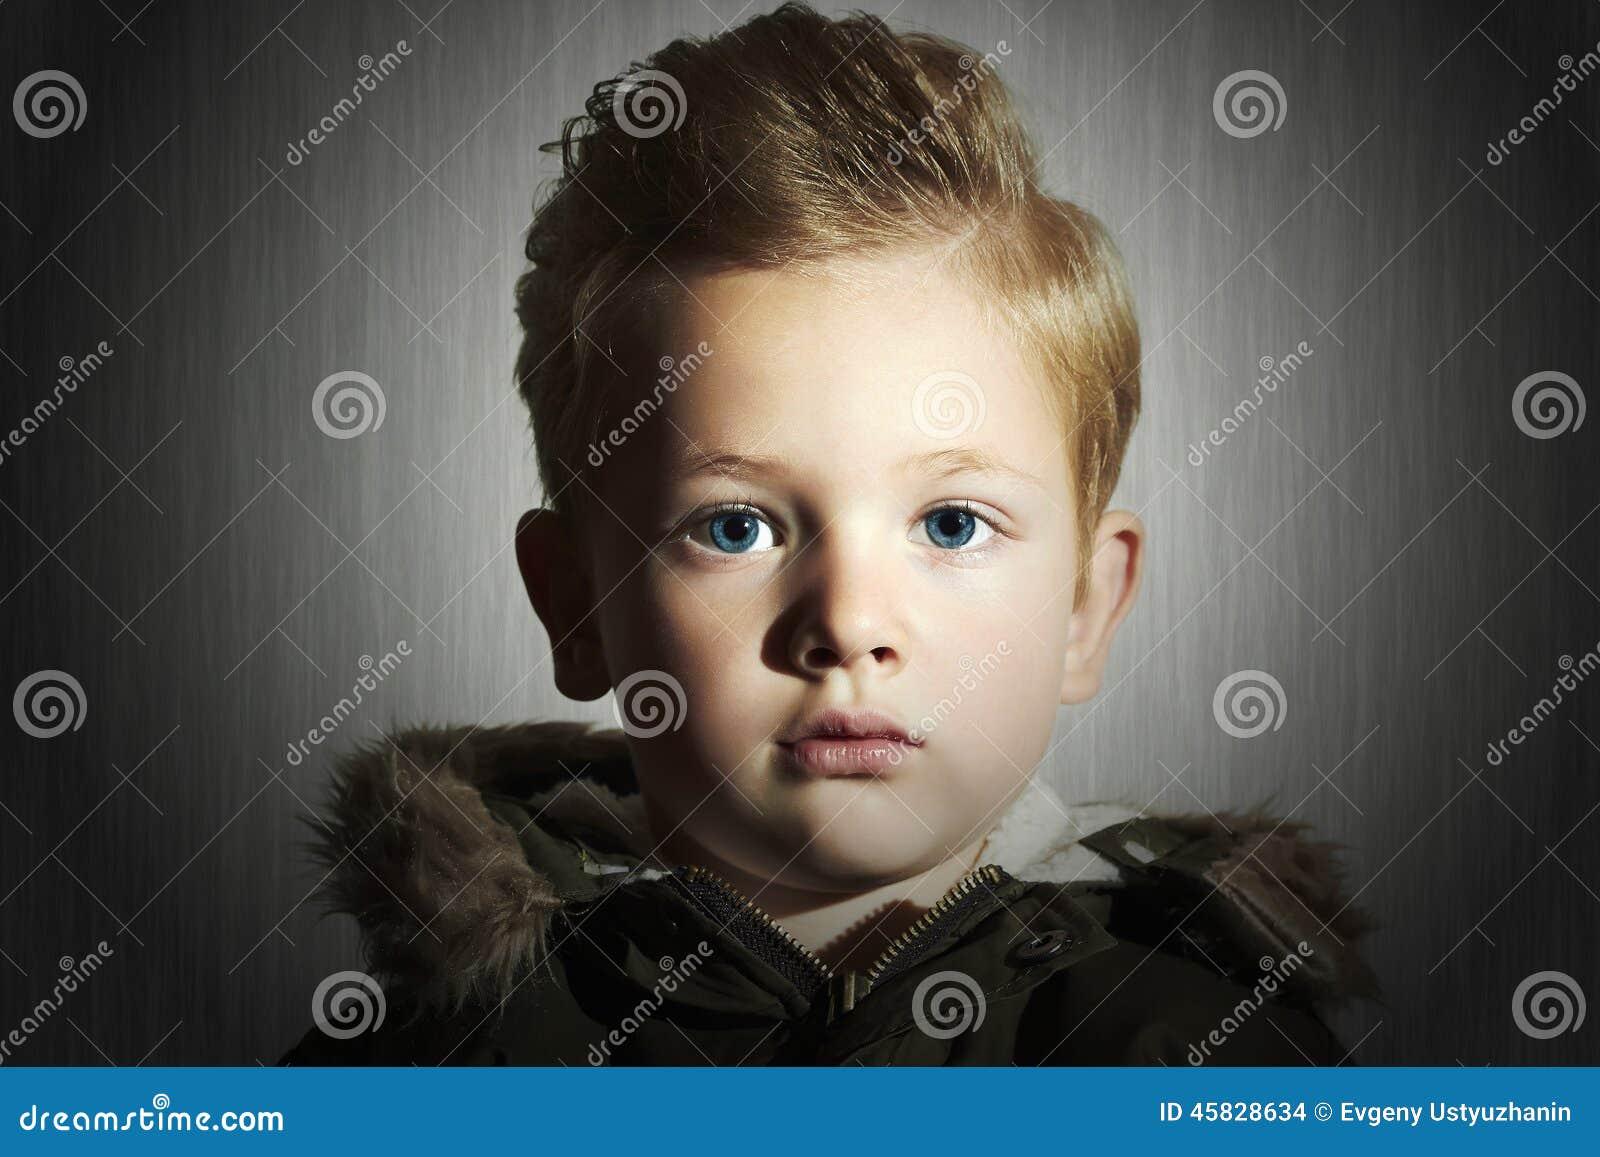 Modny dziecko w zima akiecie moda dzieciak dzieci khaki parka ch opiec fryzura zdj cie stock for Comcoiffure garcon enfant